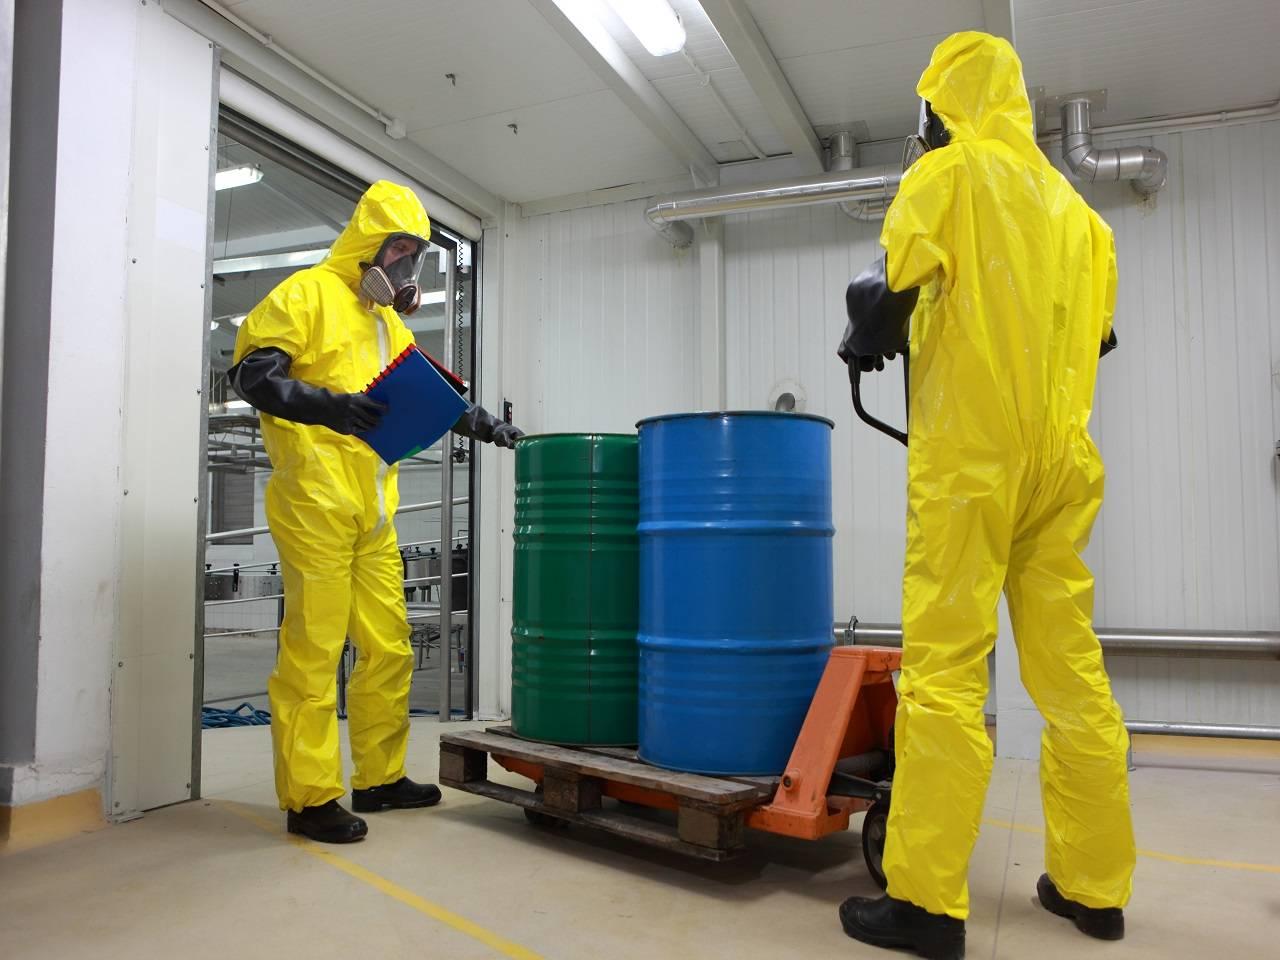 trabajadores manejando material peligroso